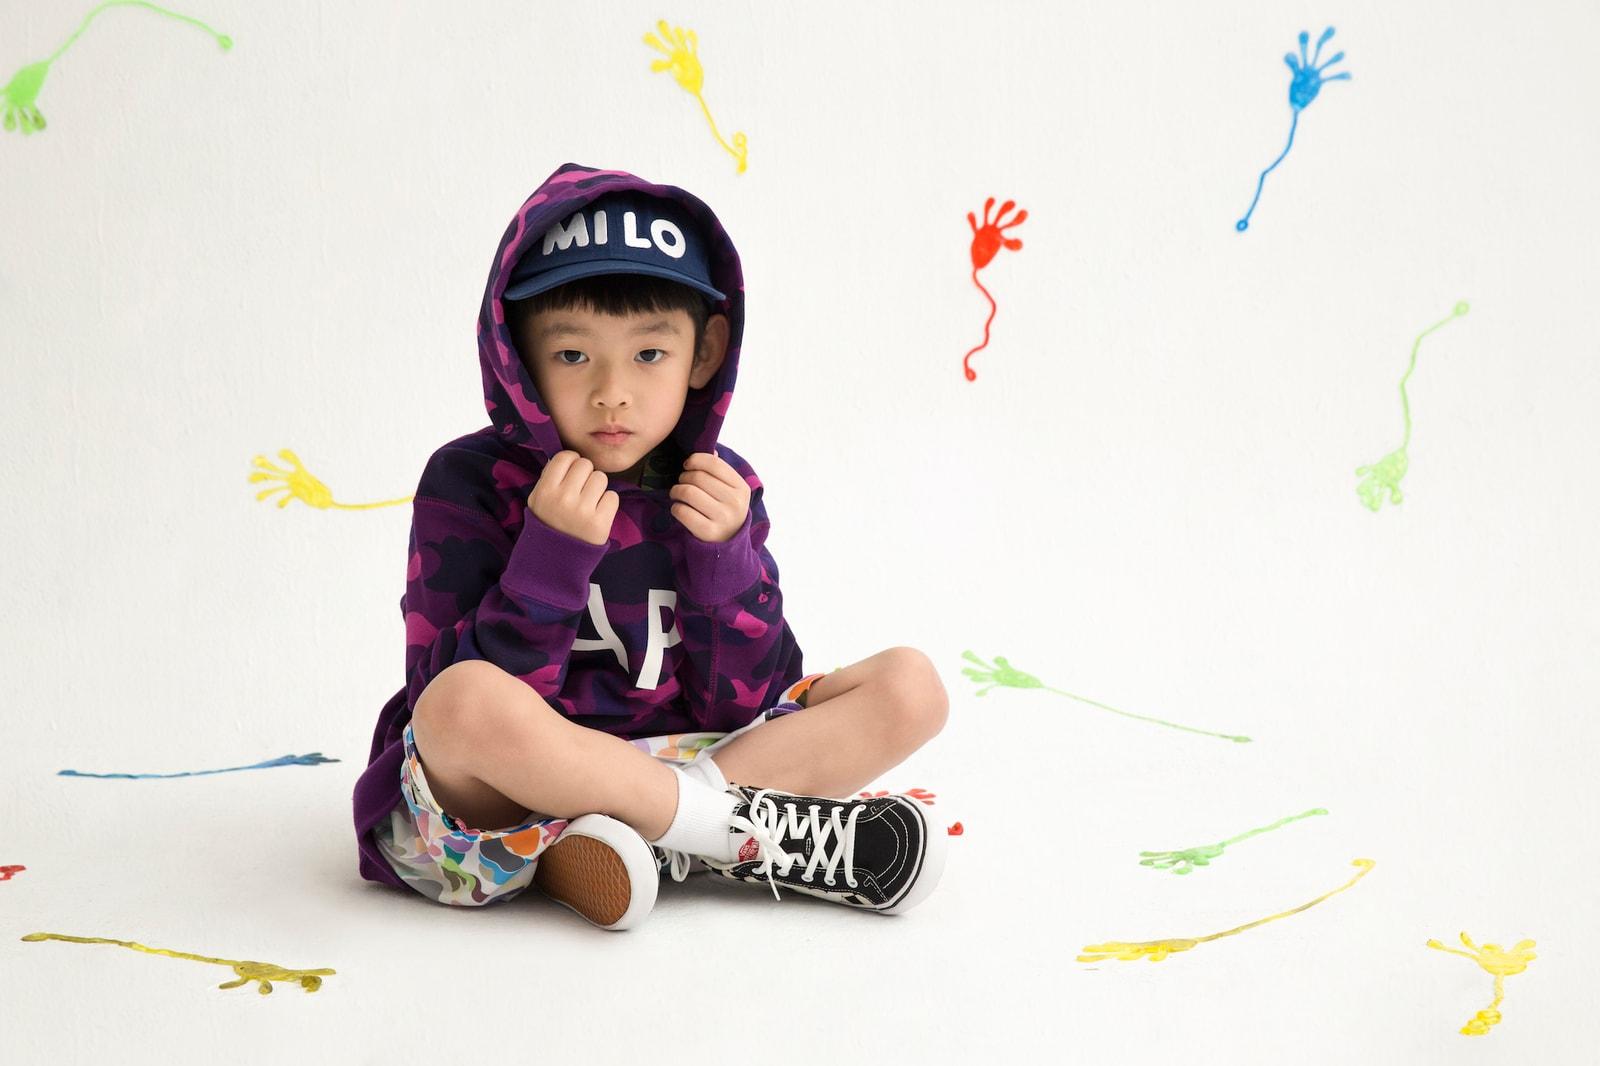 台灣也有潮童!網路人氣小孩演繹 #hypekids 造型企劃